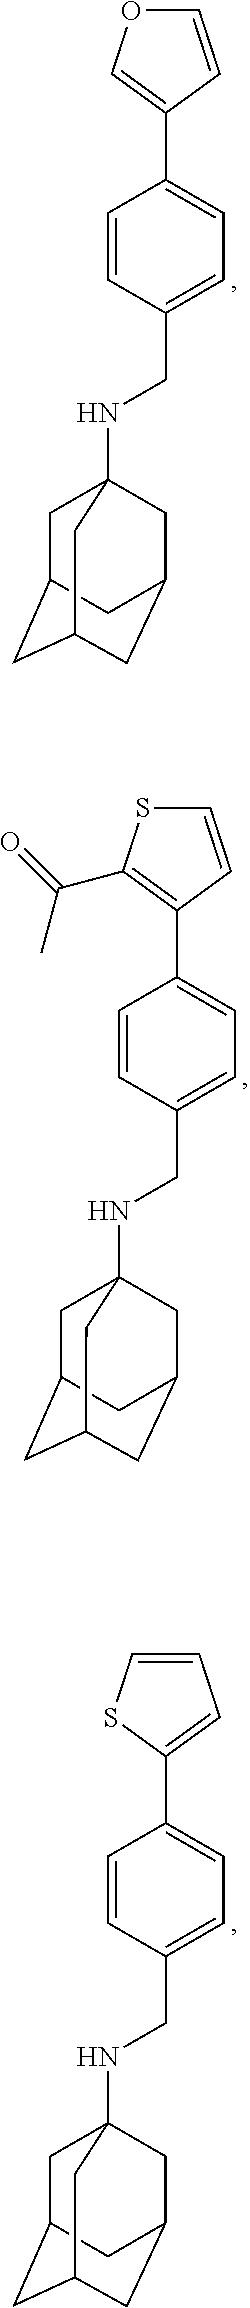 Figure US09884832-20180206-C00013